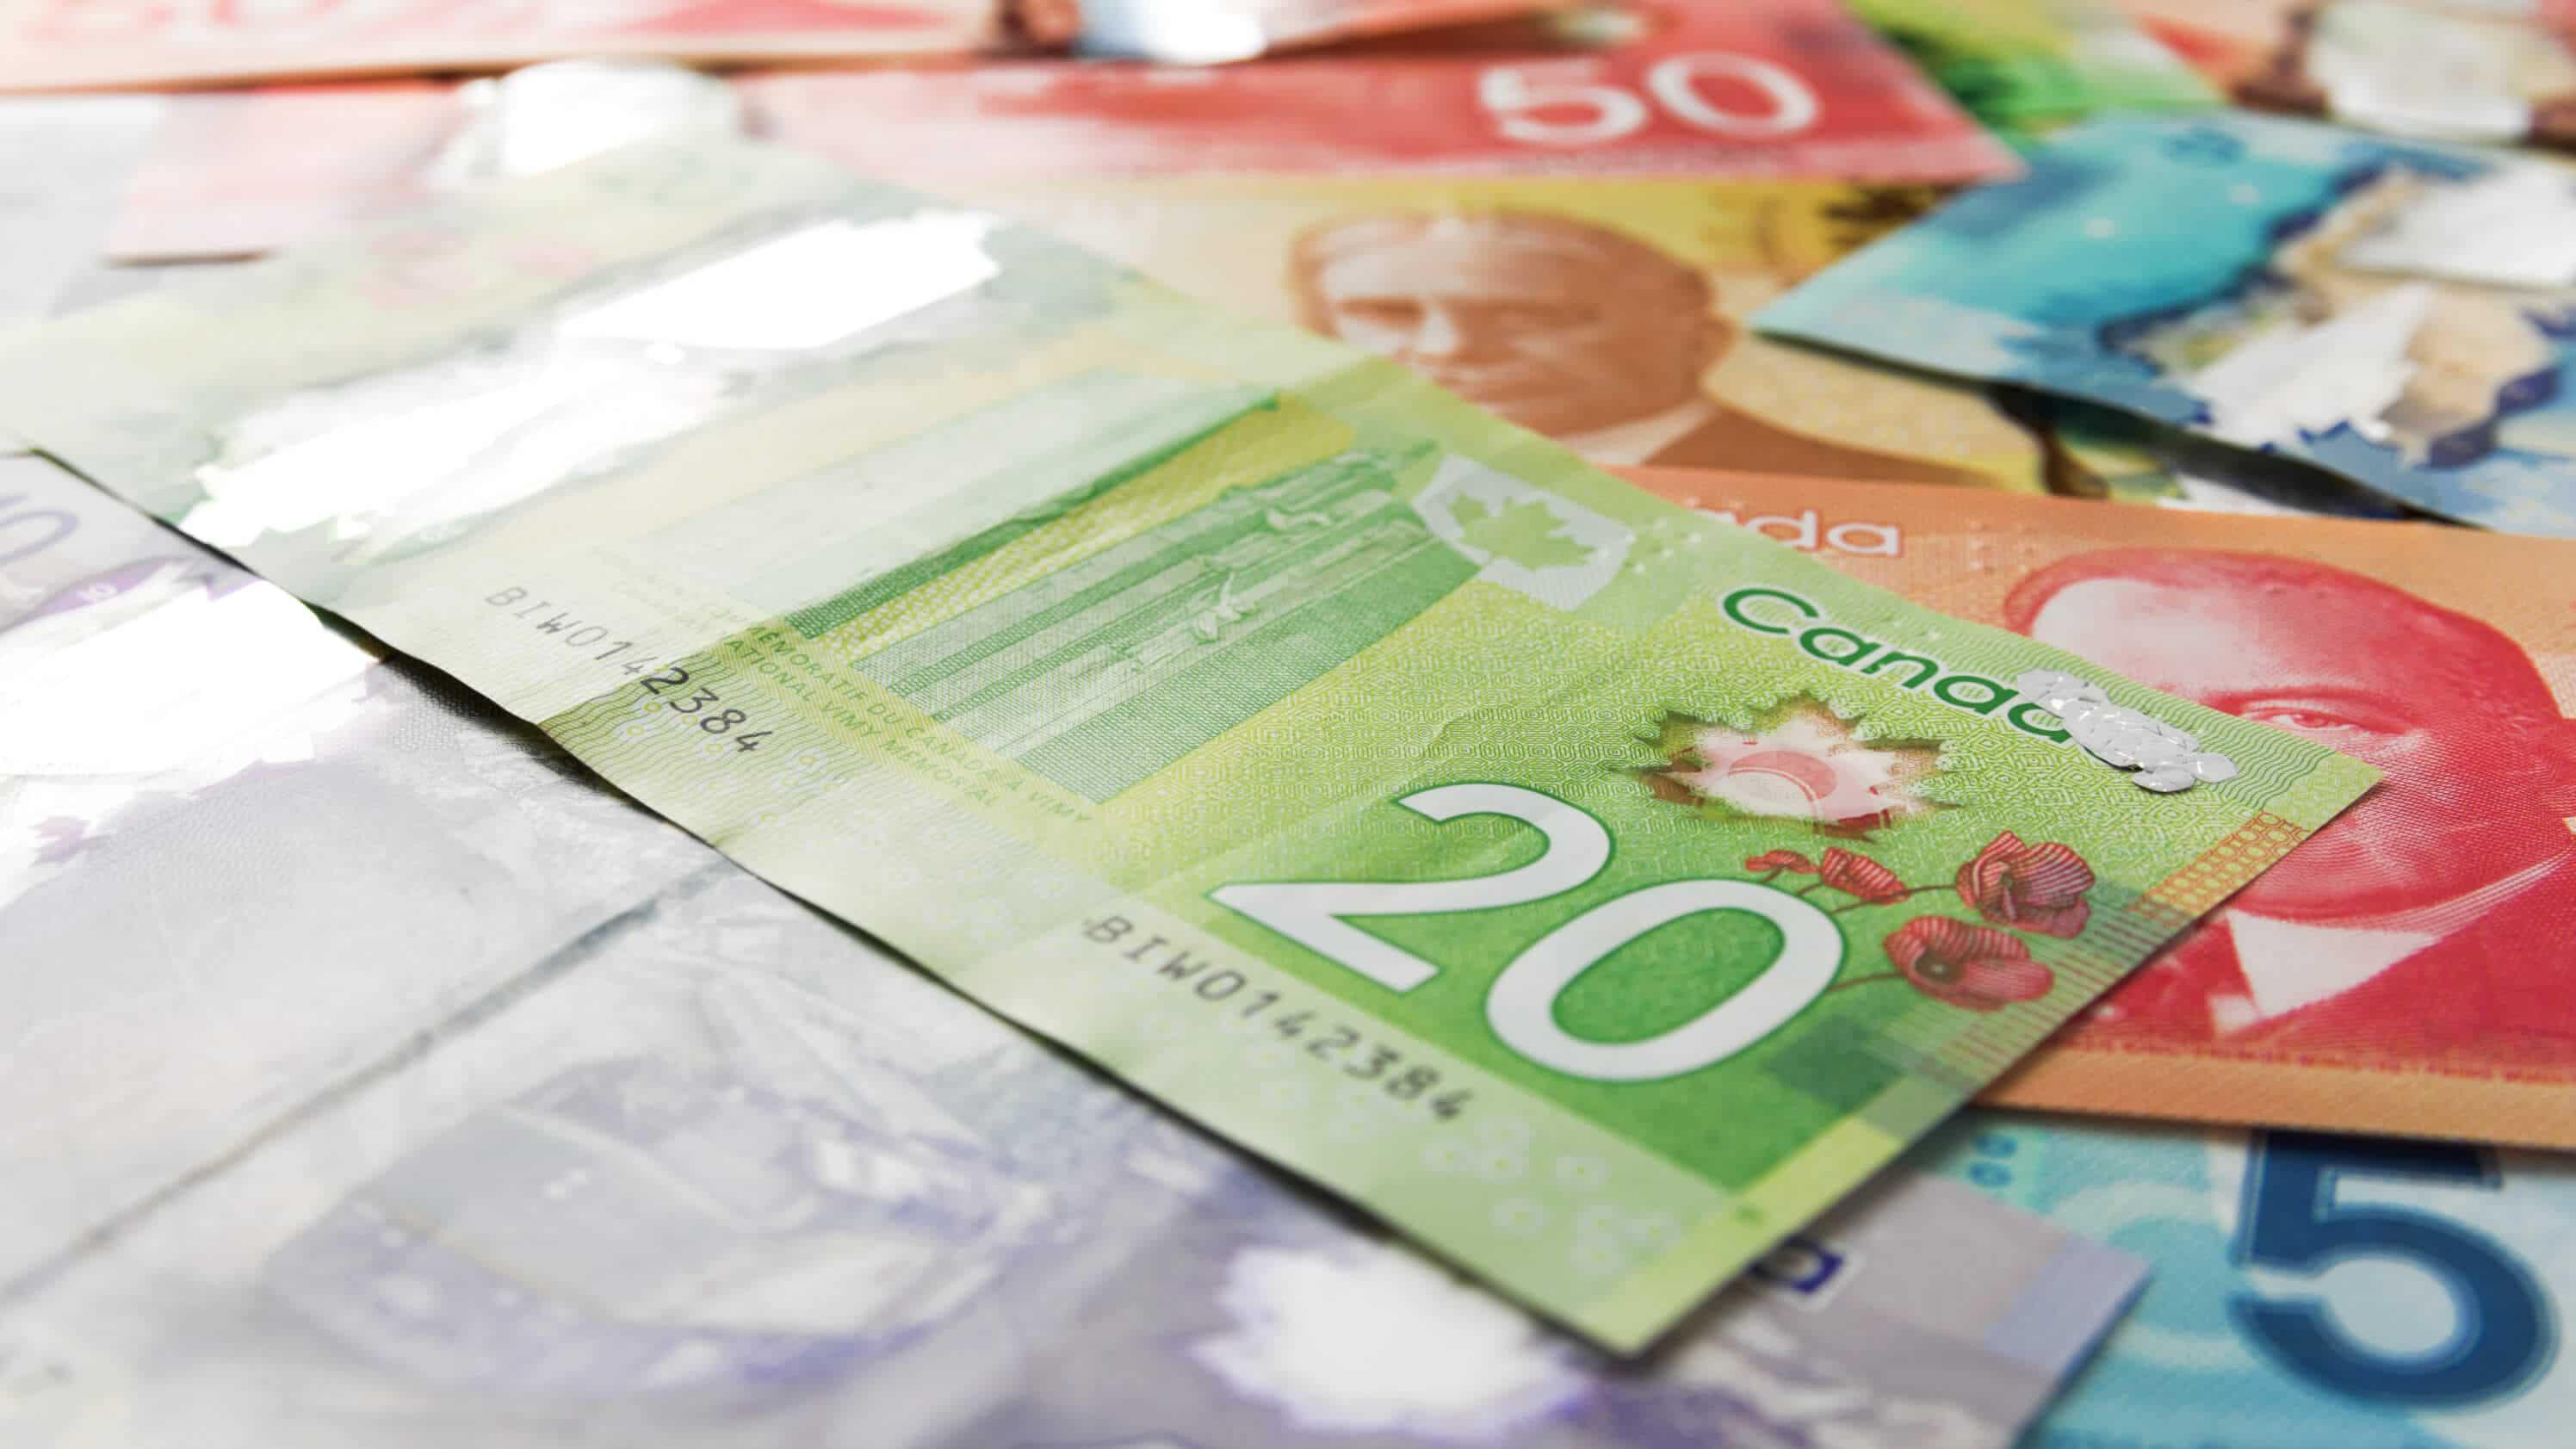 Nación Cannabis | La venta de marihuana deja a Quebec 20 millones de dólares, ¡al año!